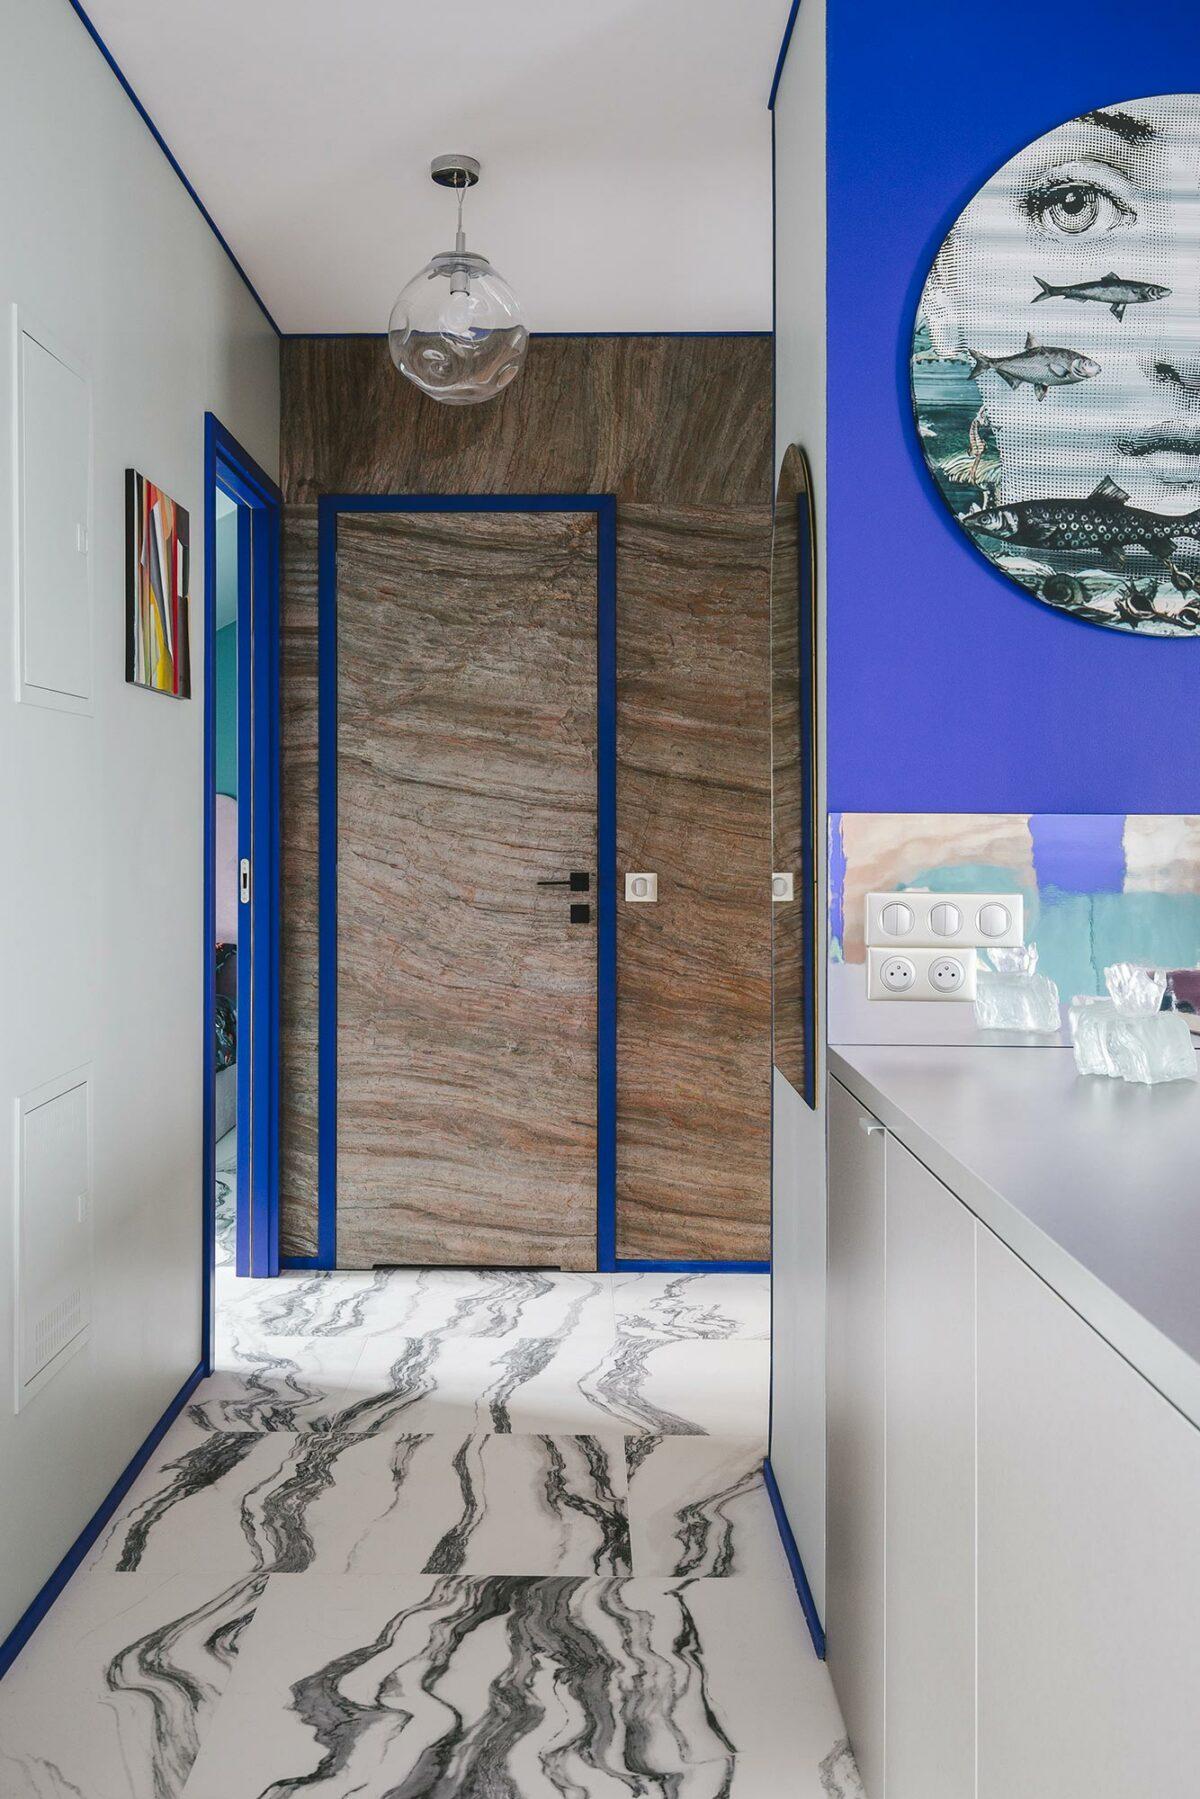 porte entrée appartement bois encadrement boisure peinte bleu klein fluo design